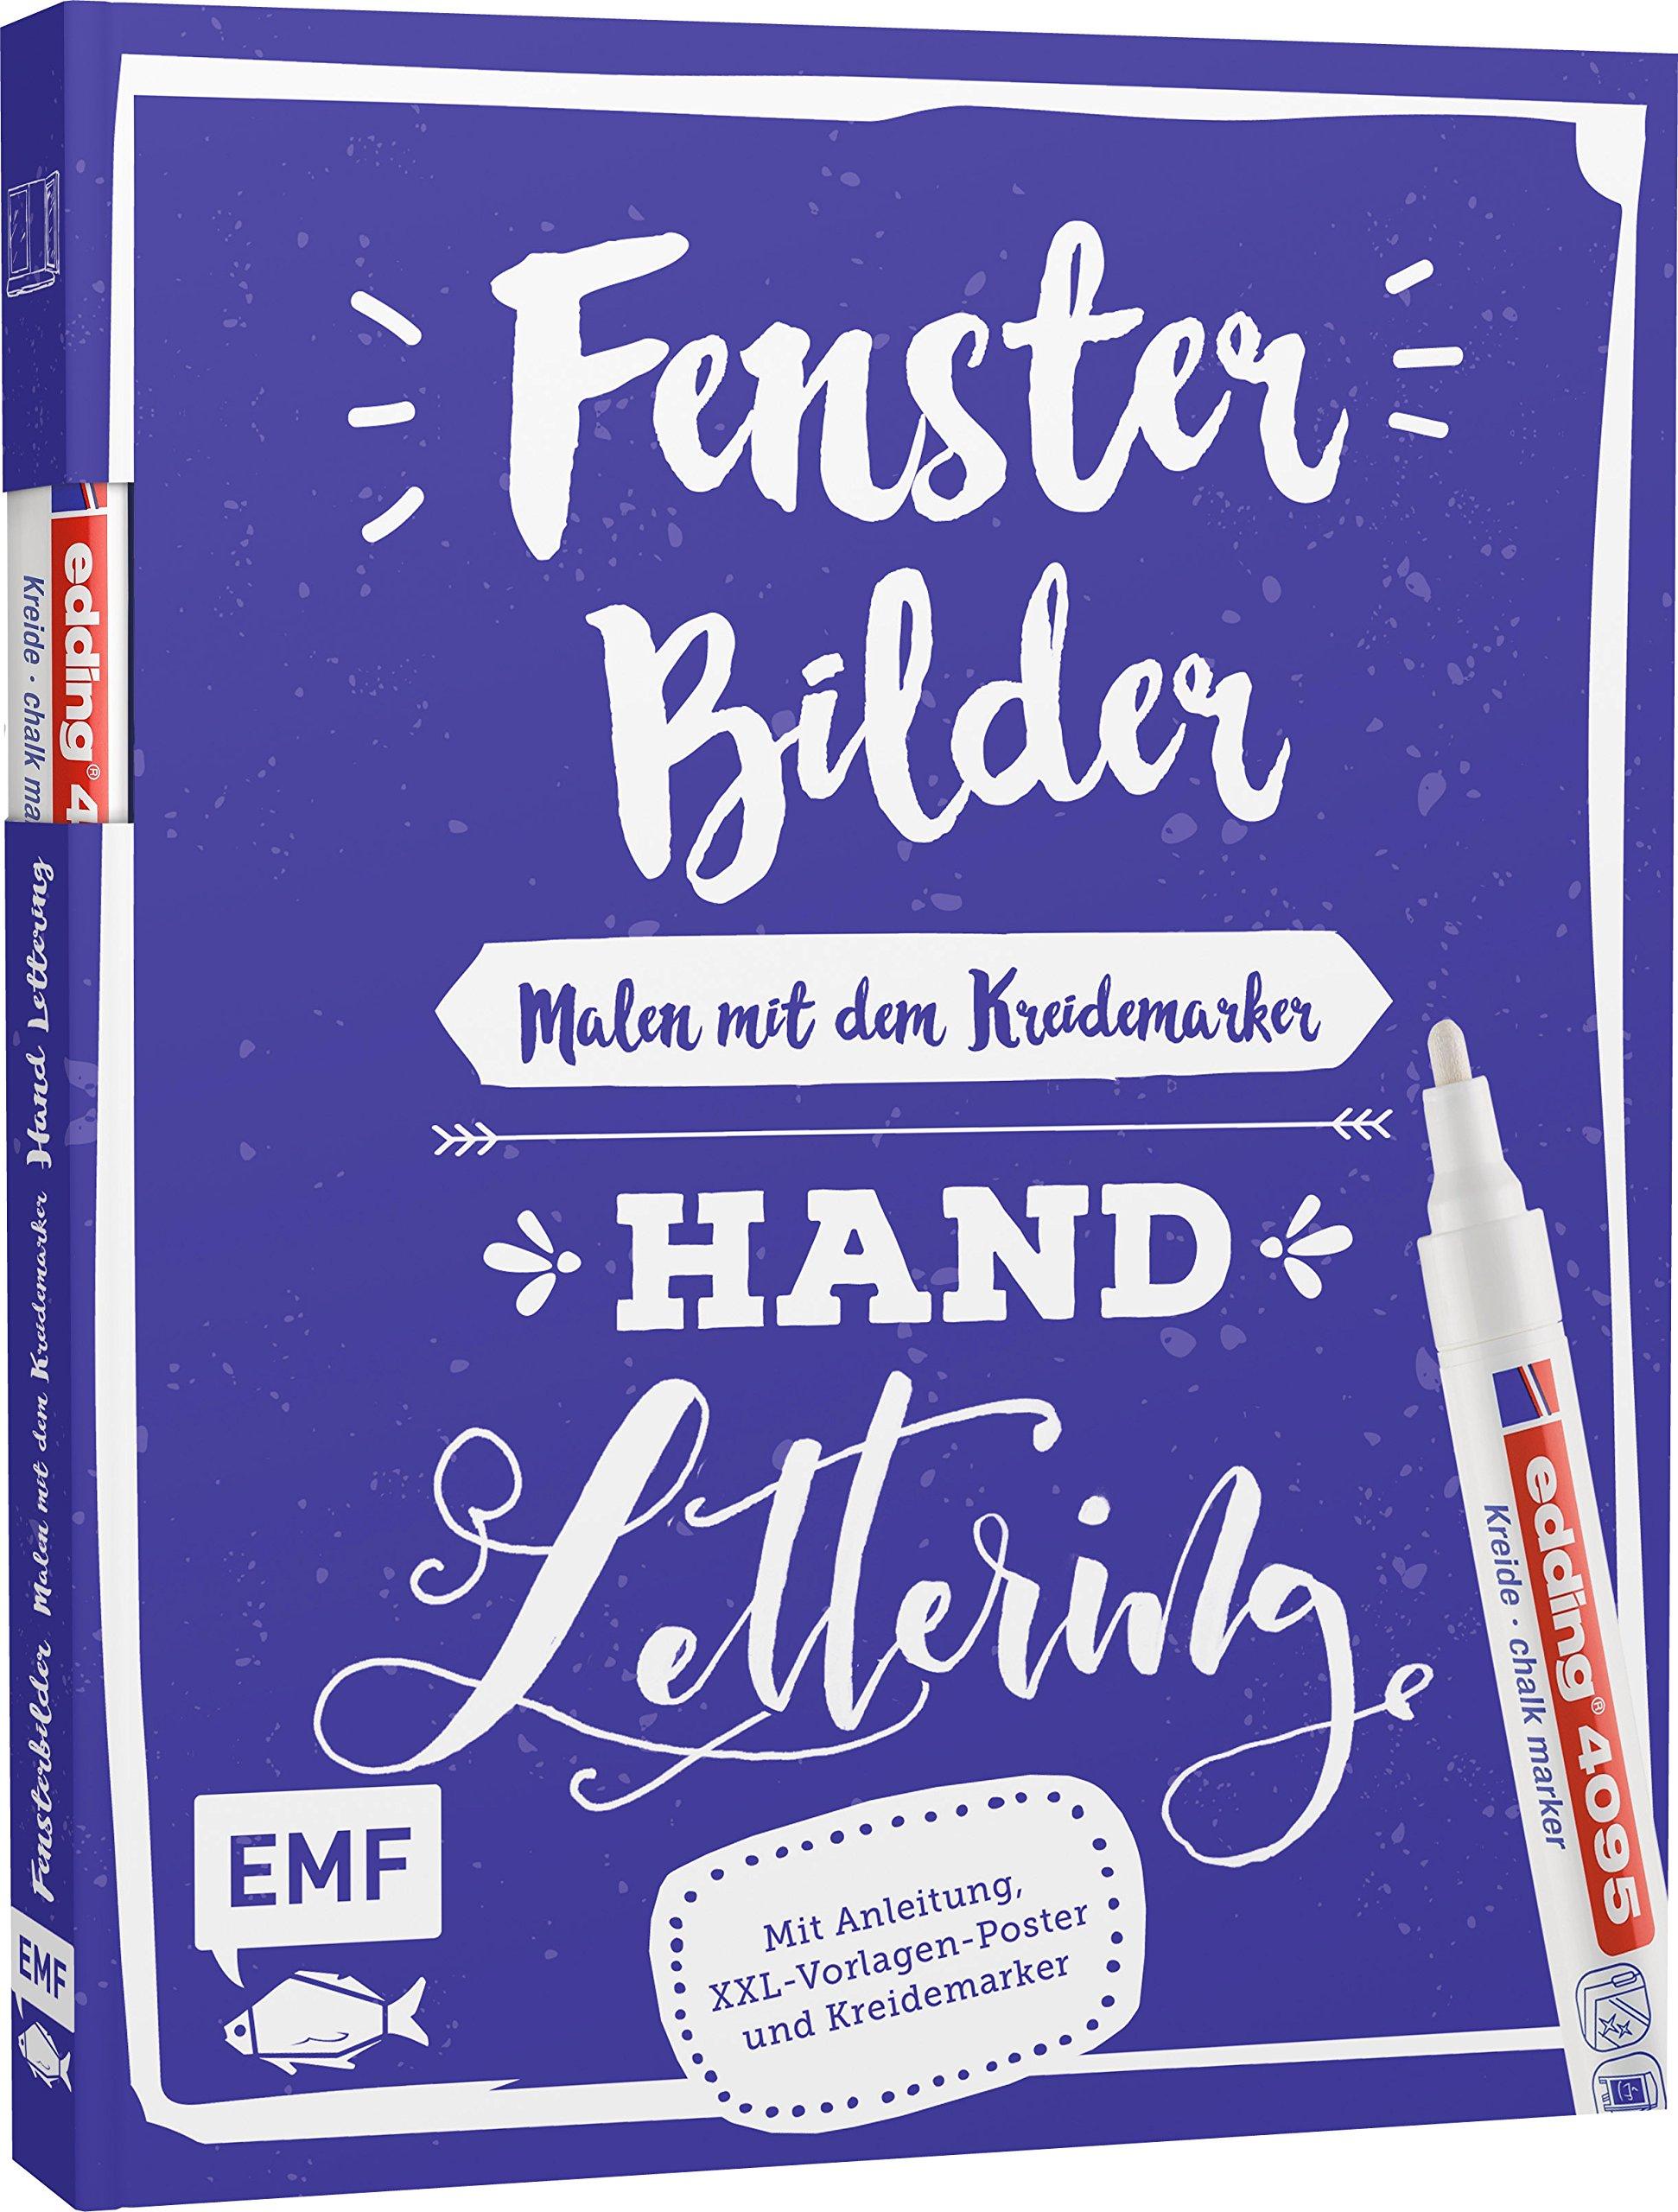 Fensterbilder malen mit dem Kreidemarker – Handlettering: Mit Anleitung, XXL-Vorlagen-Poster und Kreidemarker